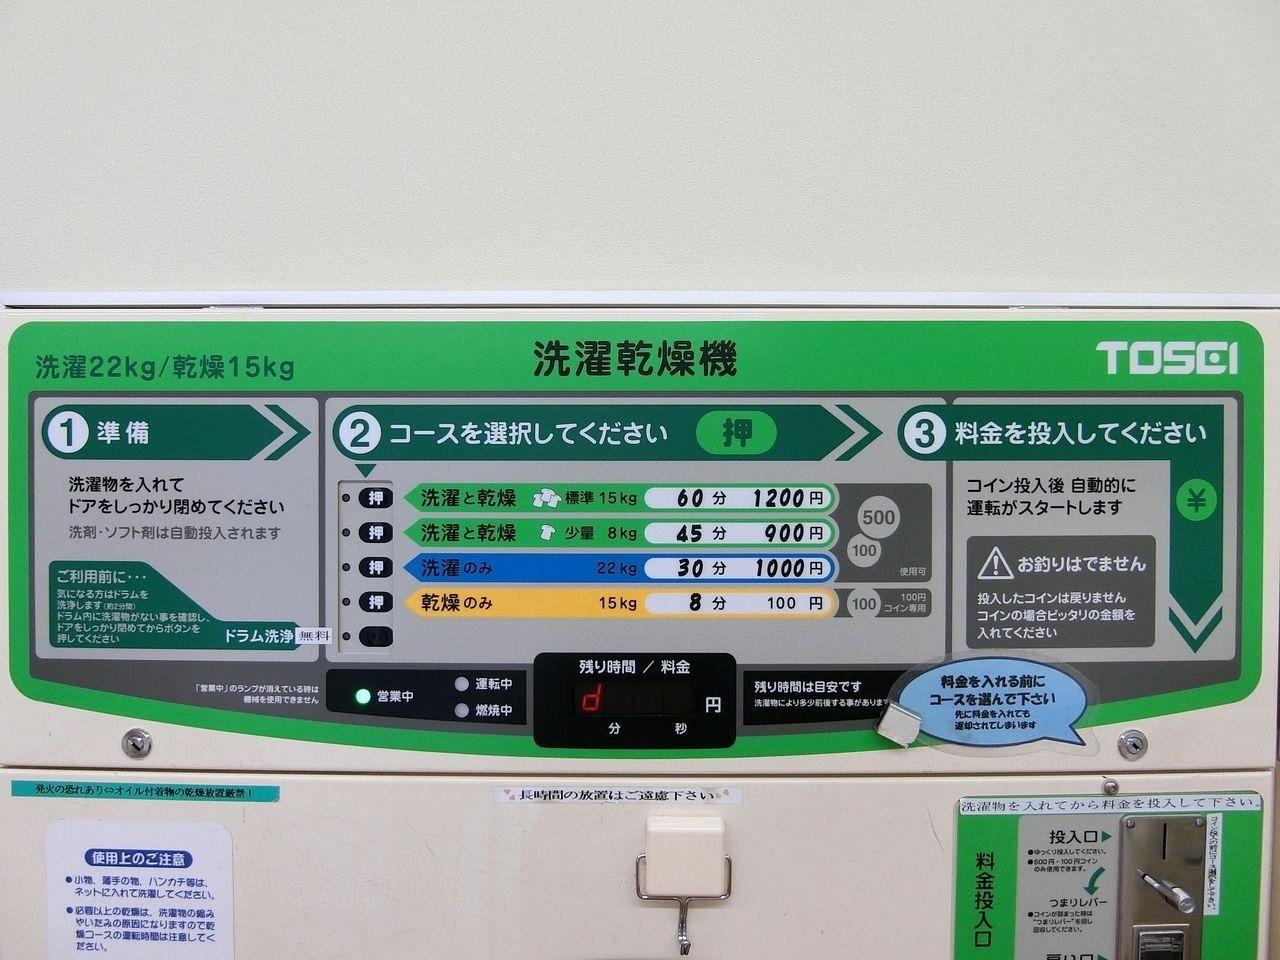 大型コインランドリー ミント・クリーン大山店(大山金井町)